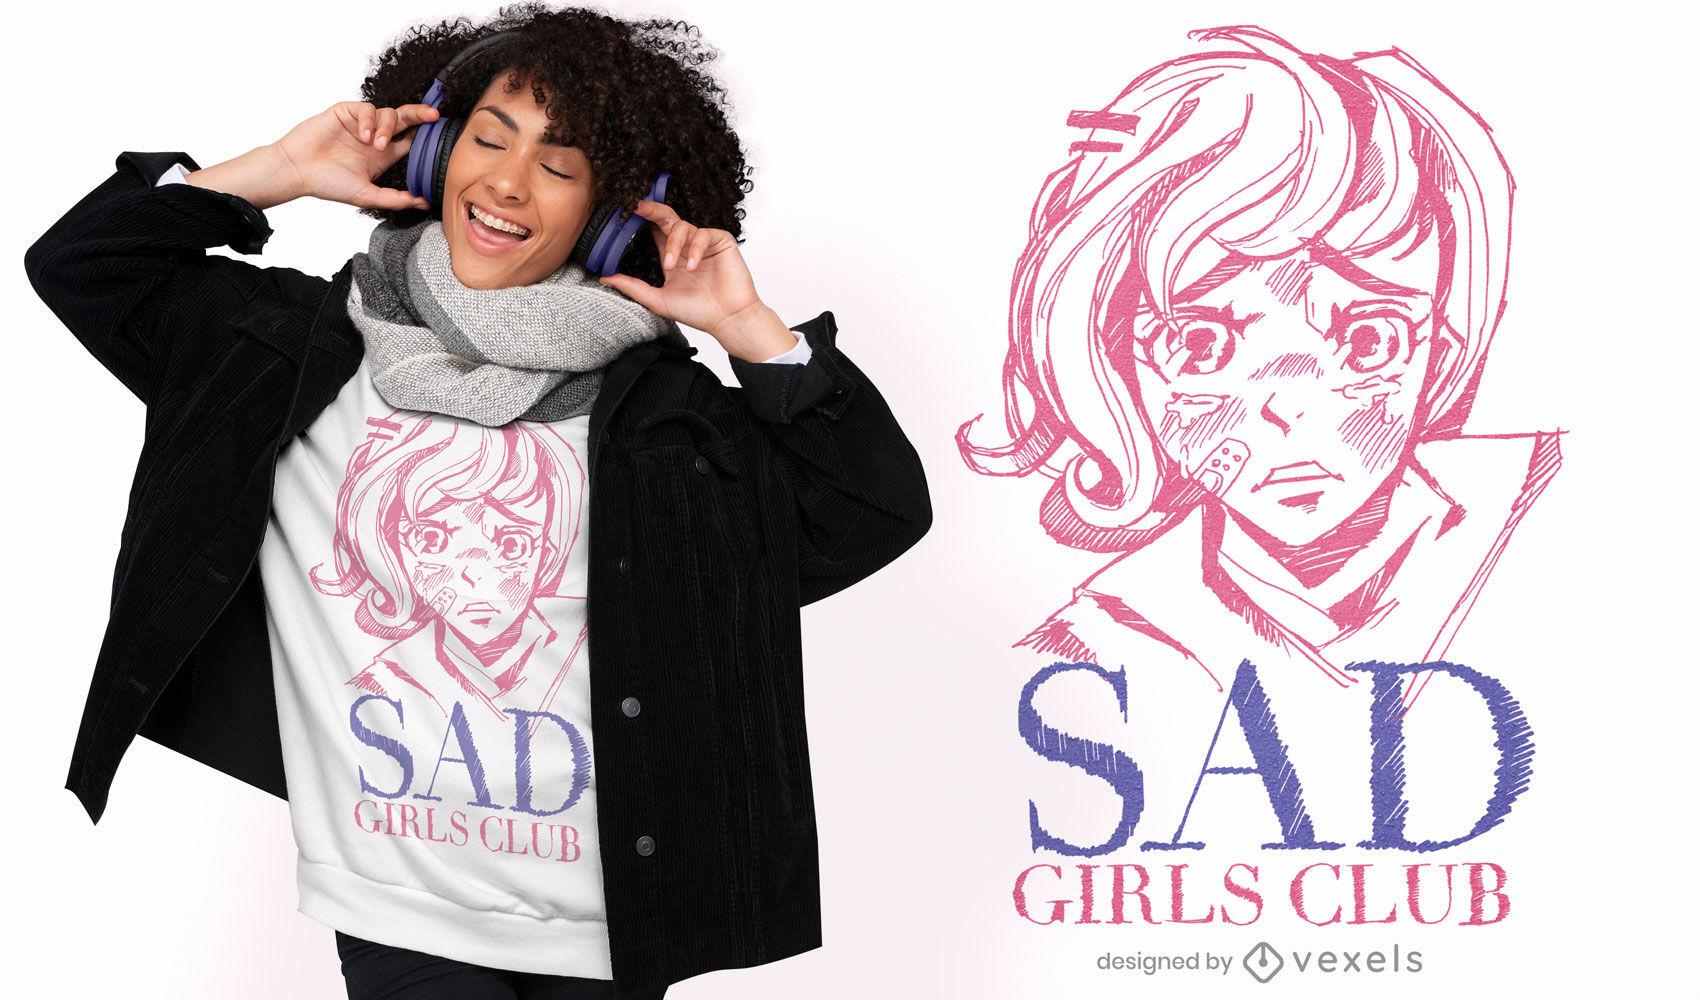 Dise?o de camiseta de anime sad girls club